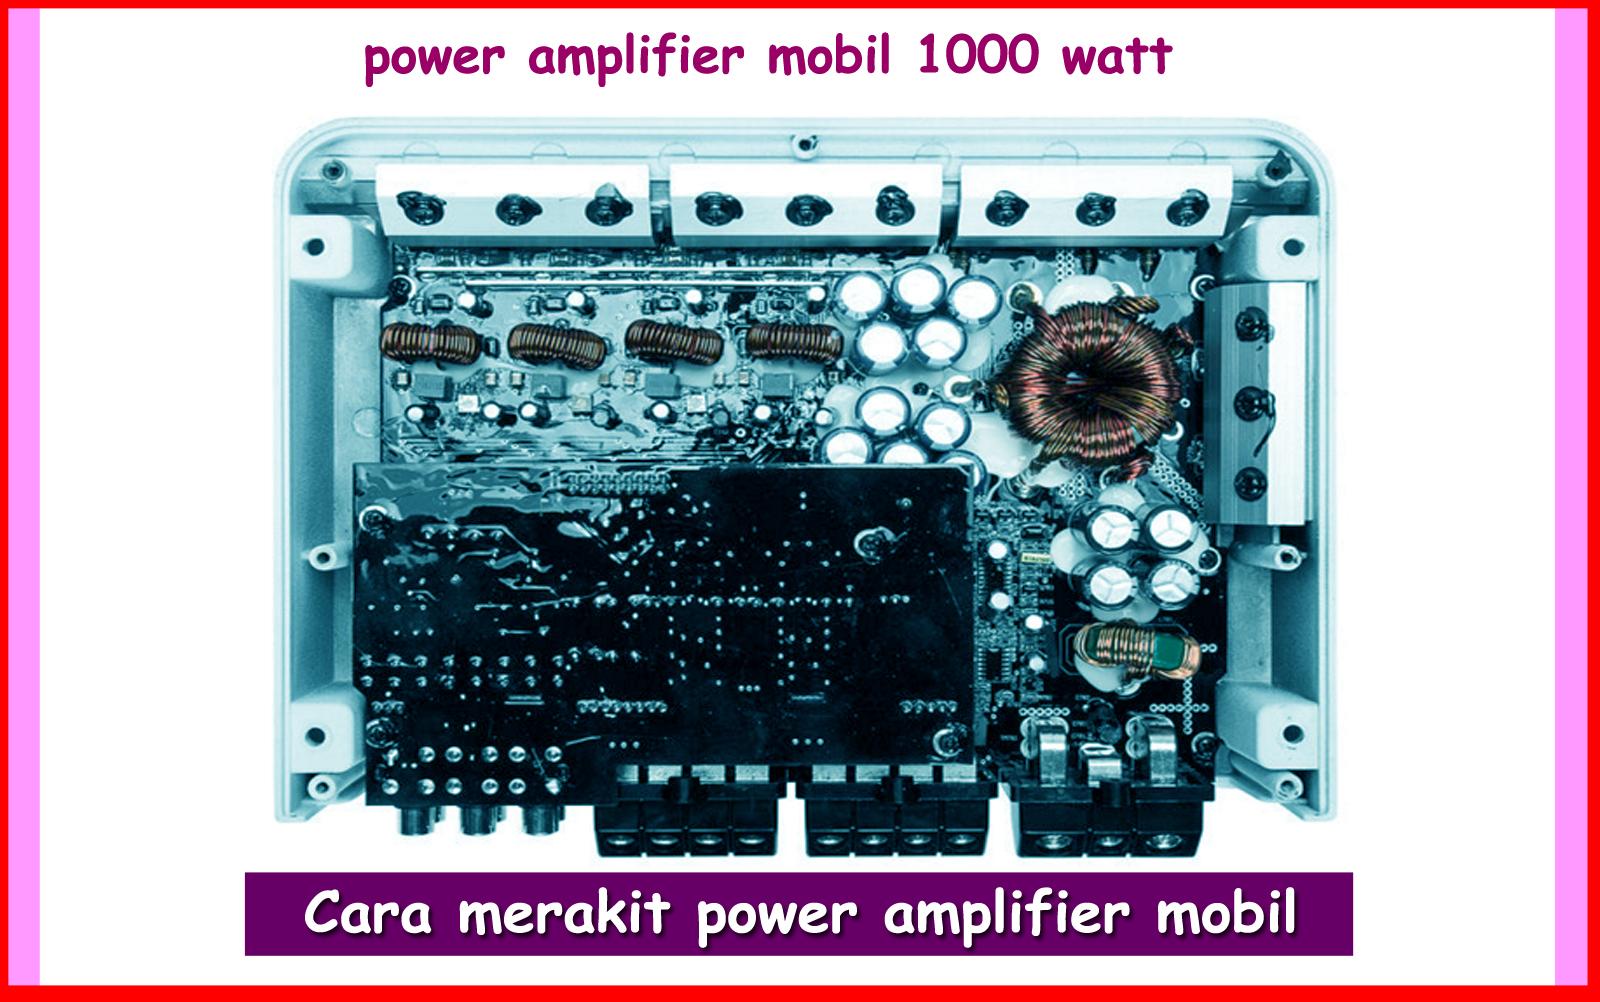 Cara Merakit Power Amplifier Mobil 1000 Watt 200 For Car By 2sc2922 2sa1216